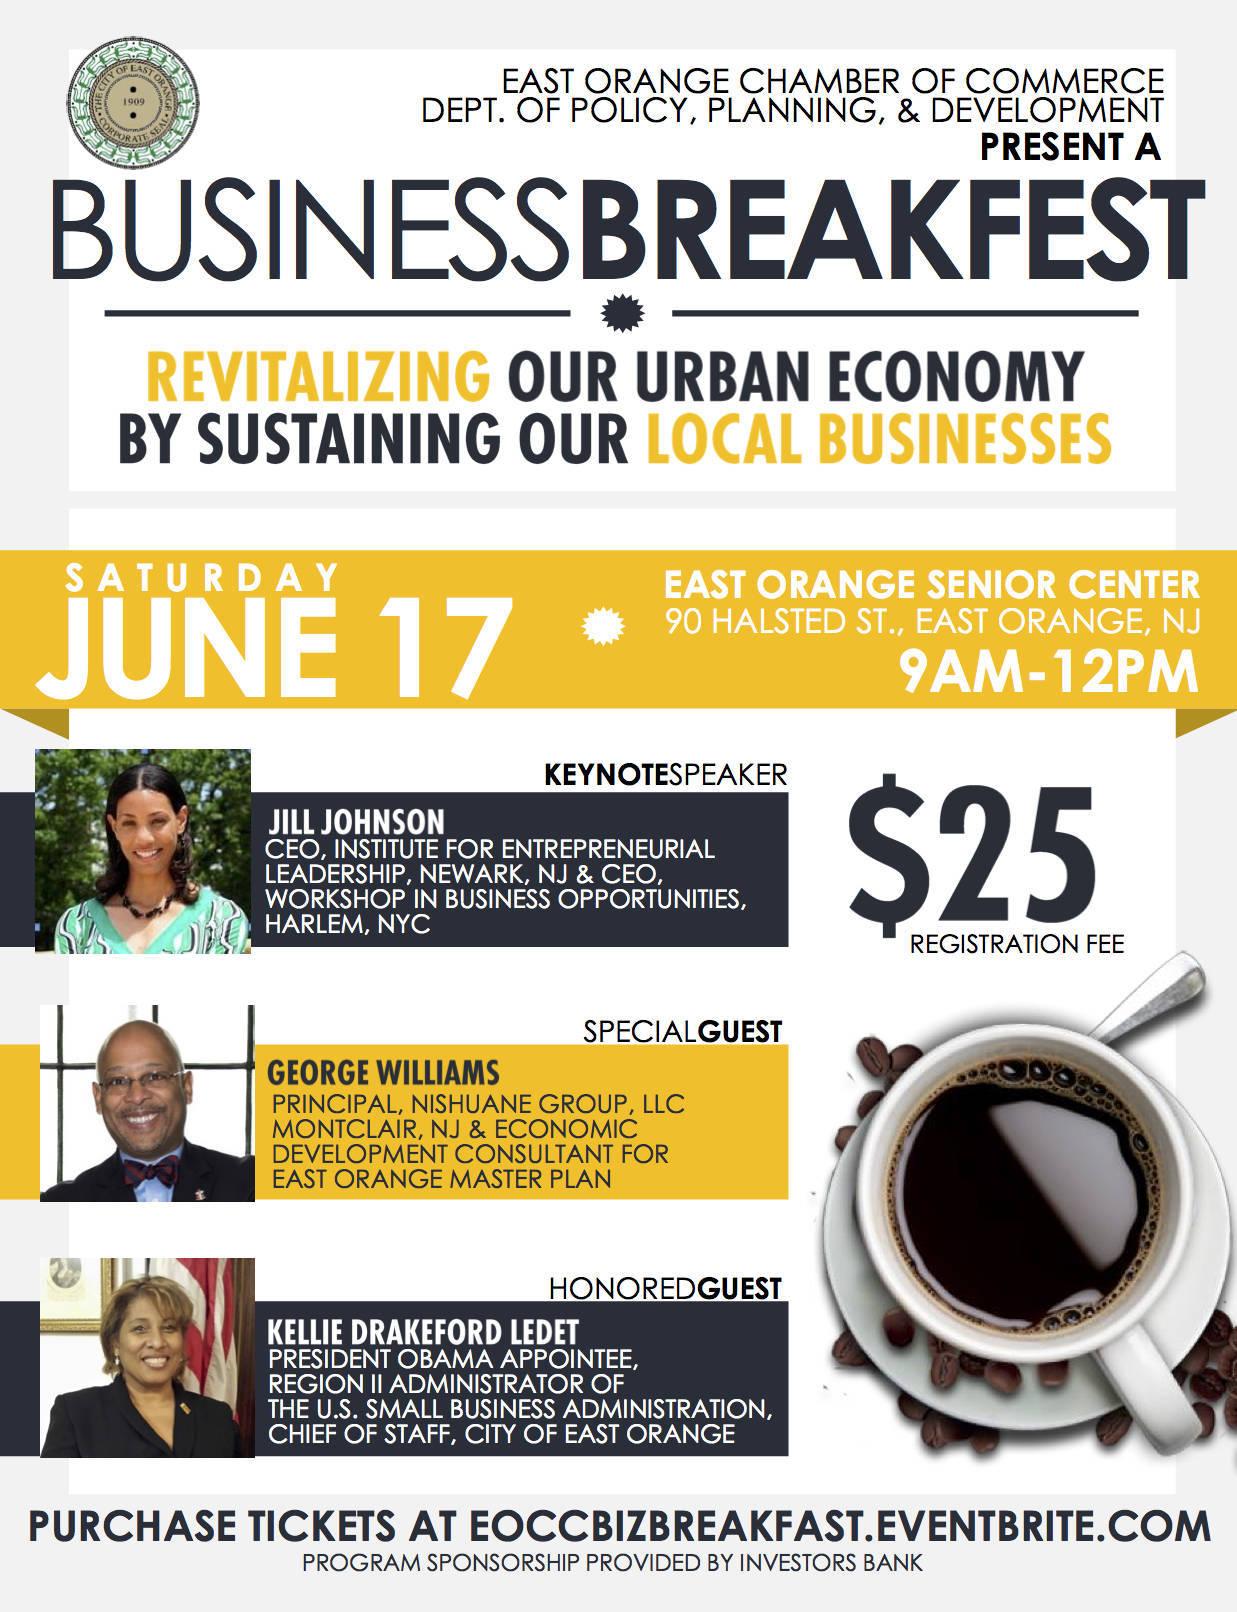 e390da2a72ff557fdded_businessbreakfest.jpg